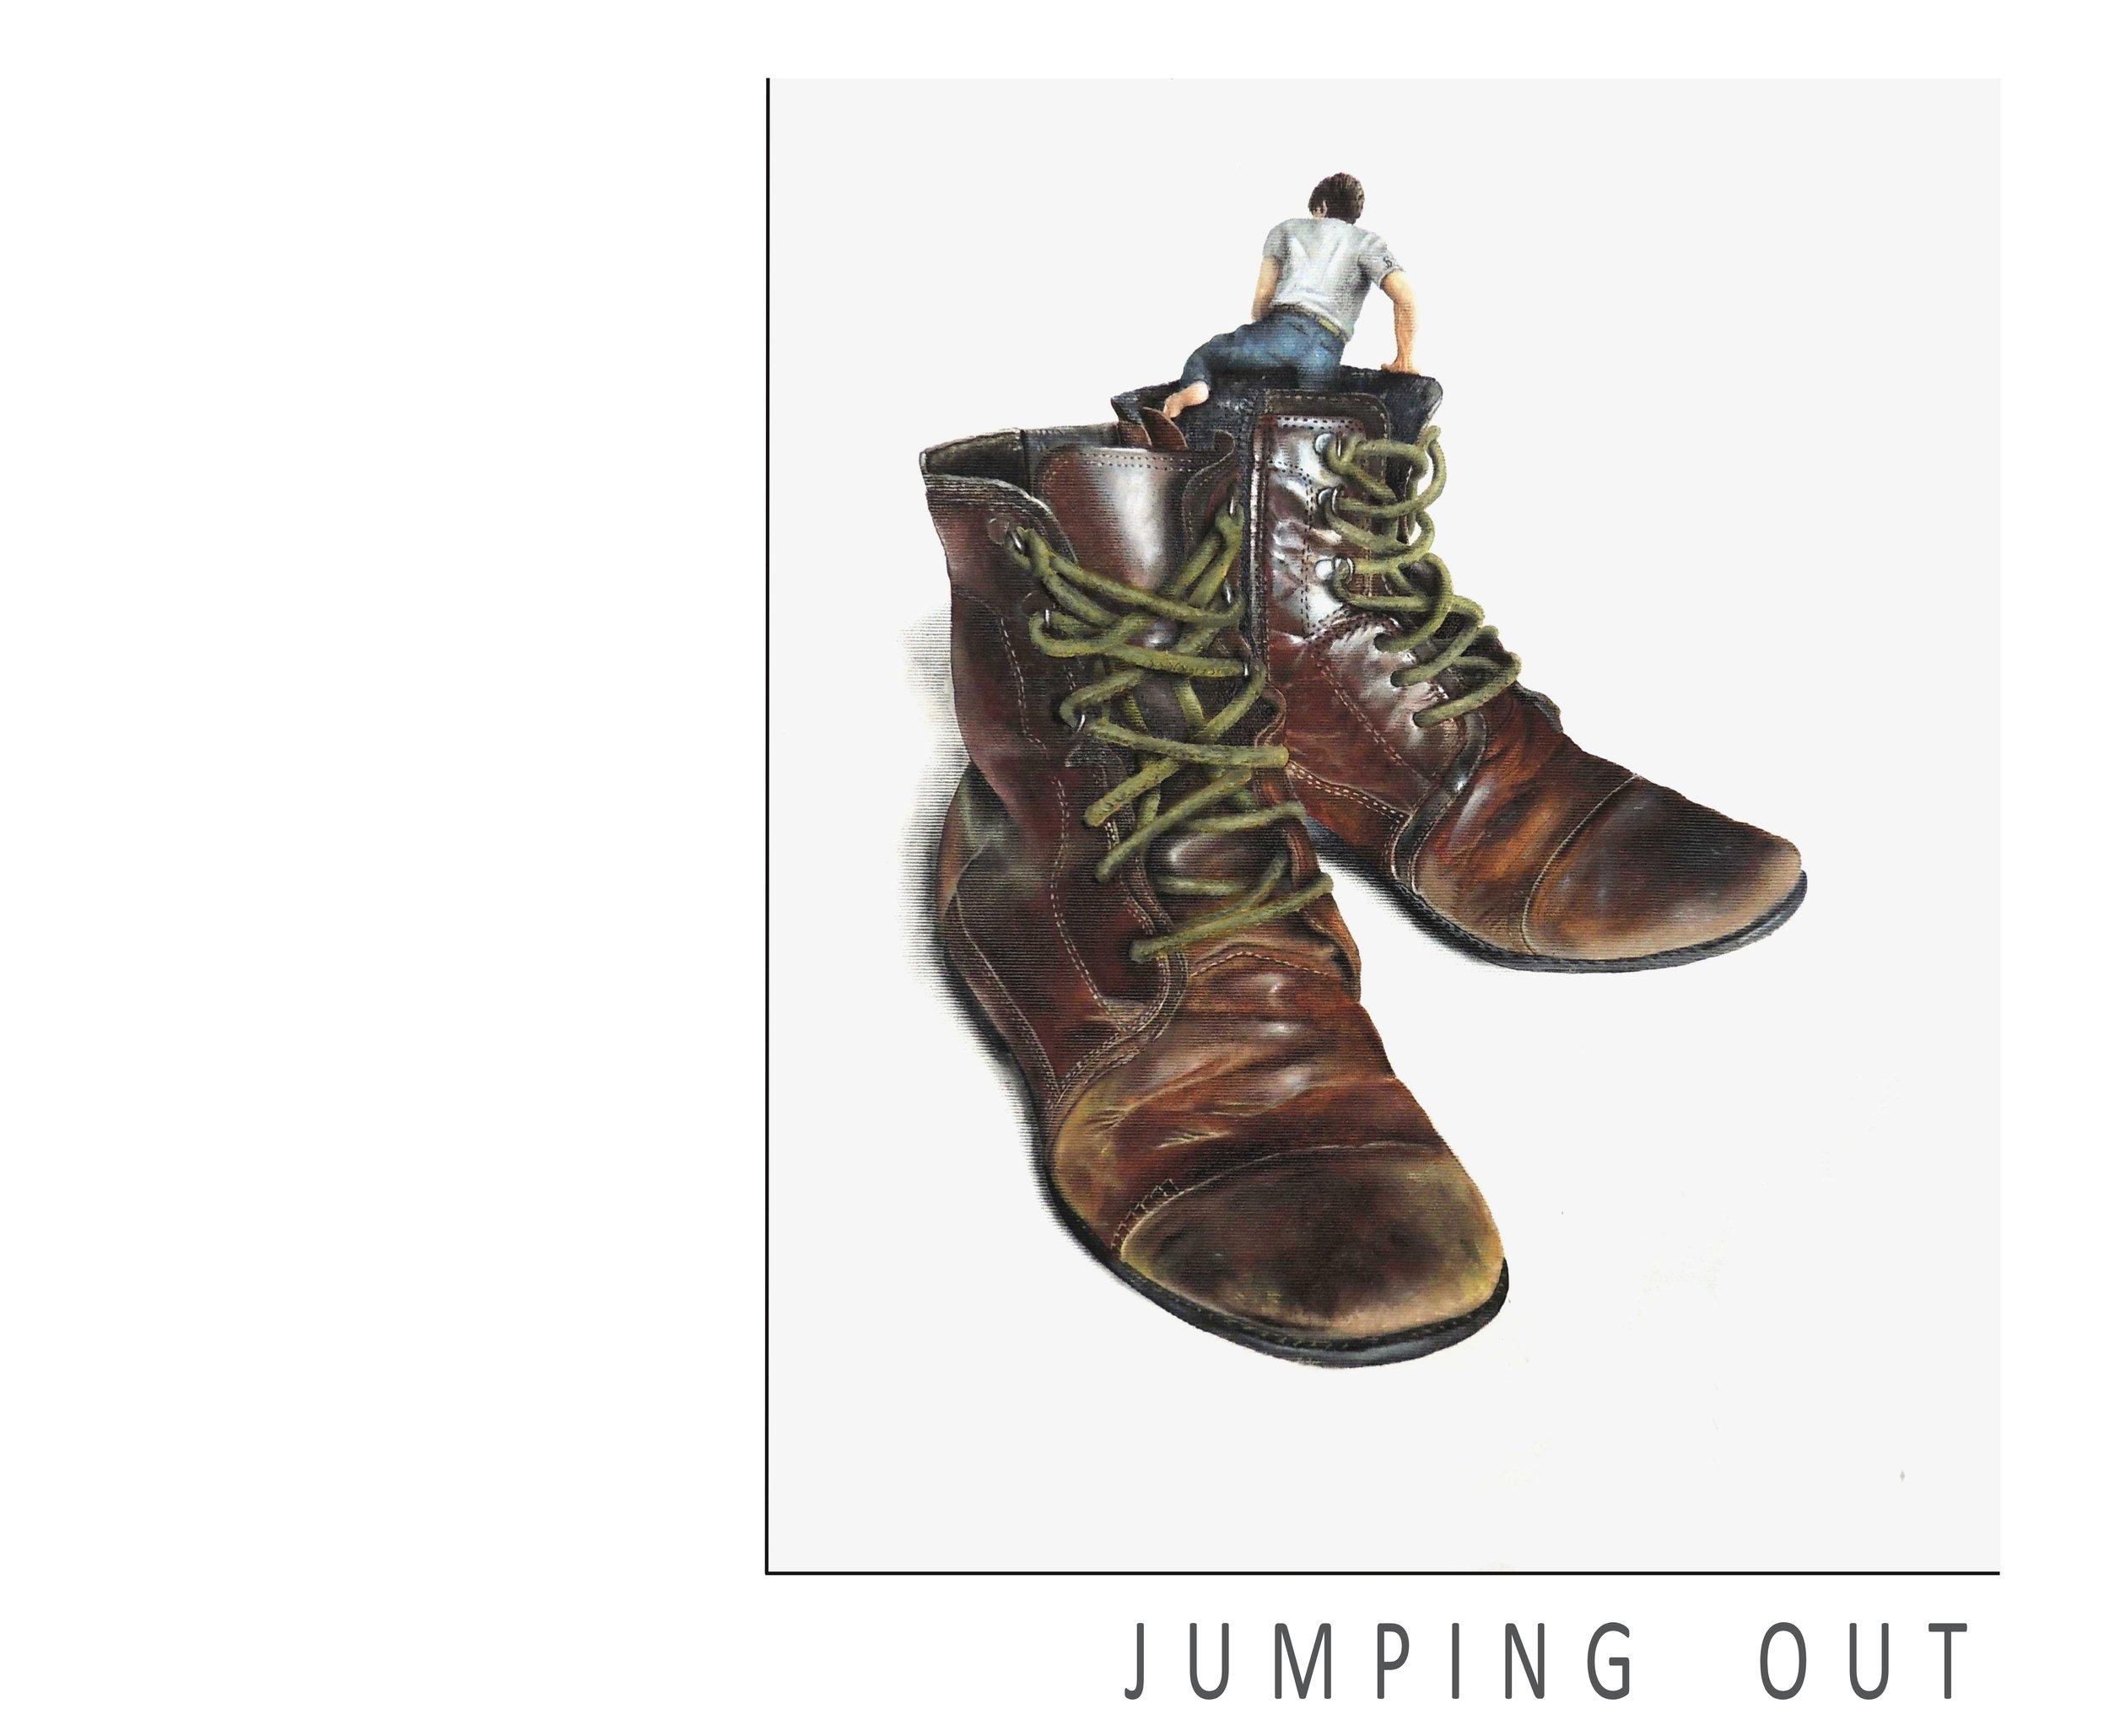 JUMPING OUT2 -1-Pagina001.jpeg